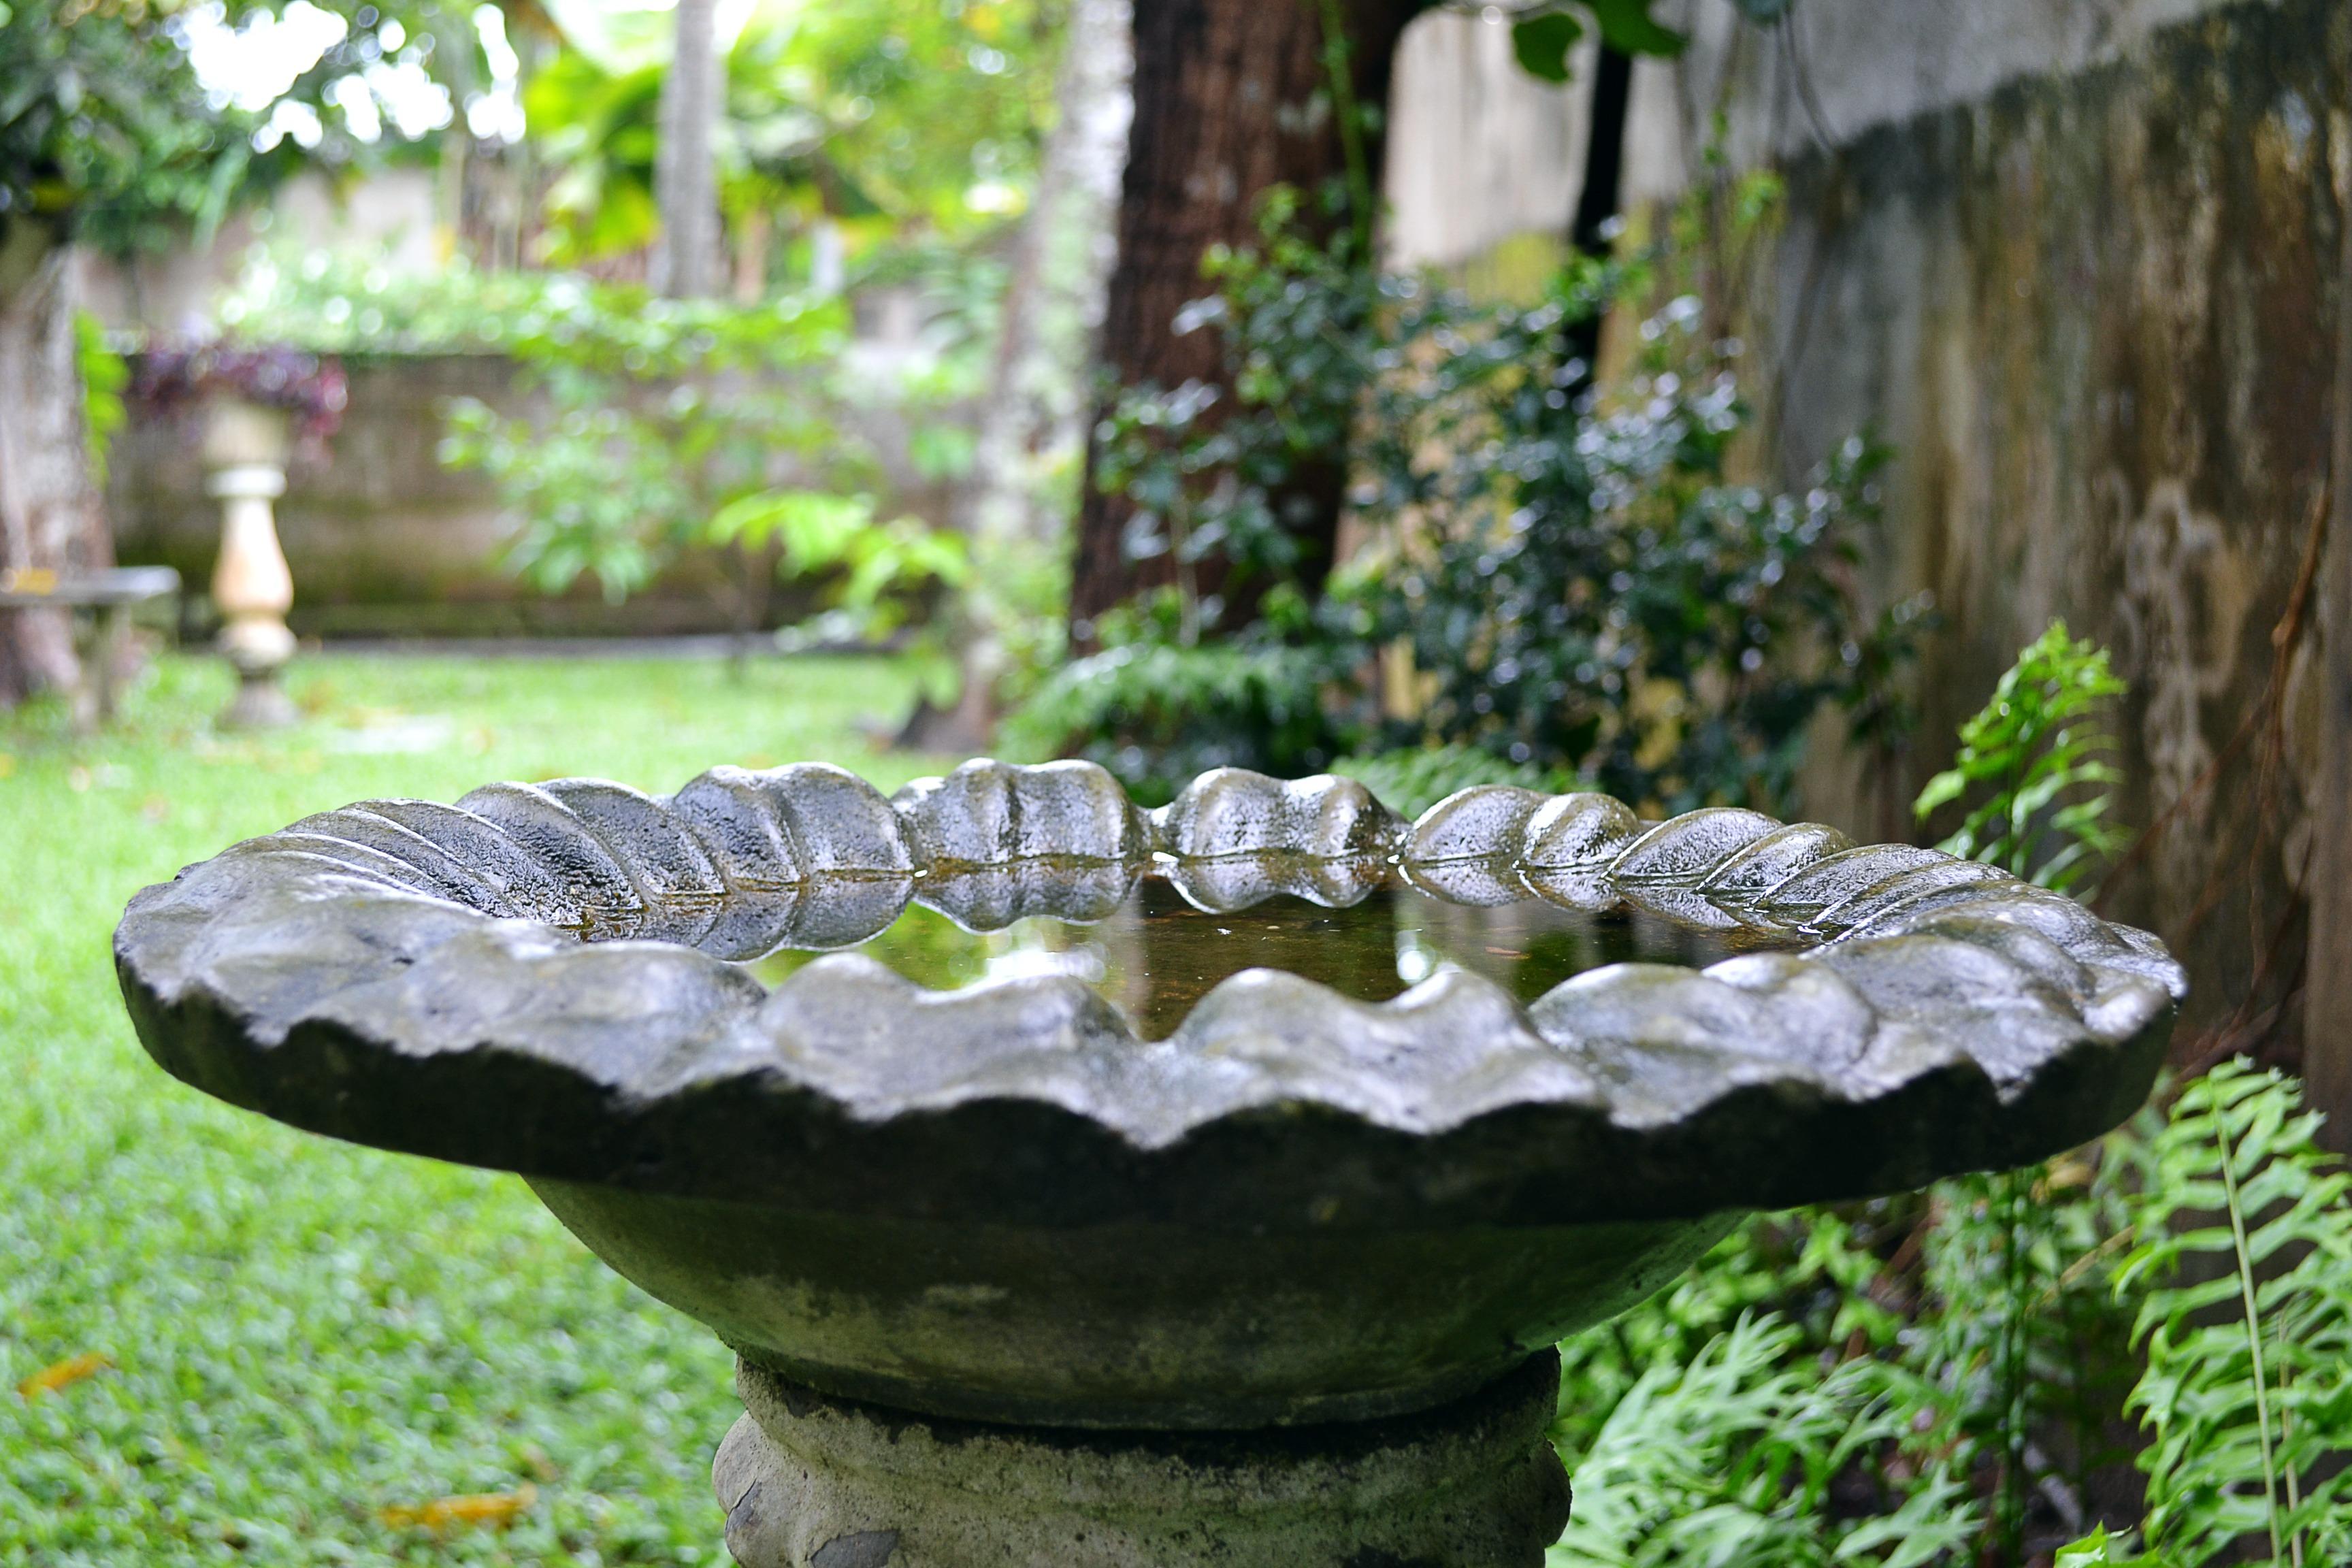 Images gratuites arbre for t oiseau feuille fleur humide tang faune vert jungle - Baignoire oiseaux jardin ...